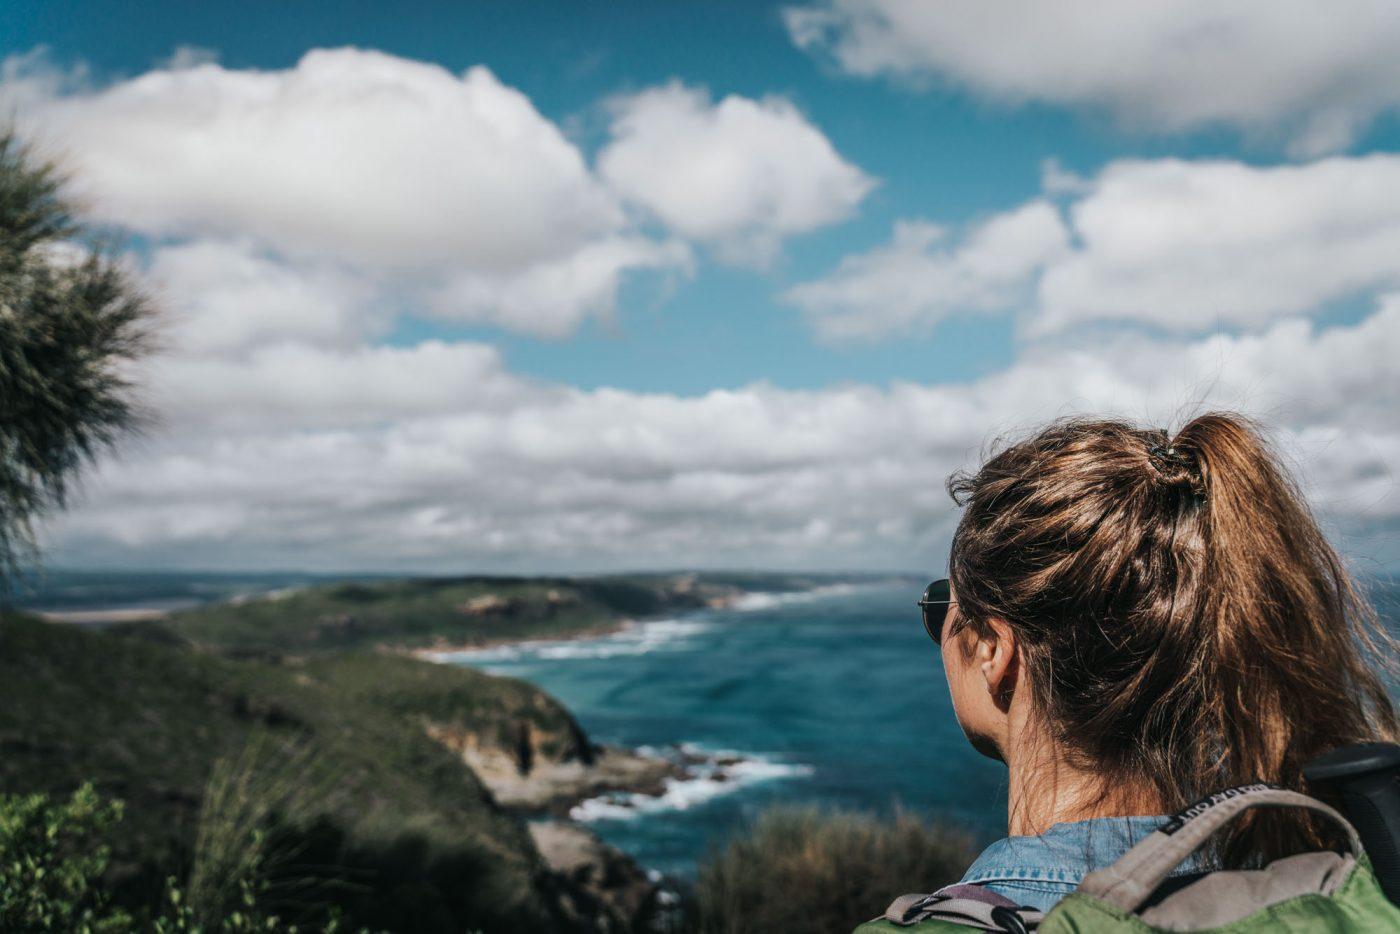 Overlooking the coastline of the Great Ocean Walk